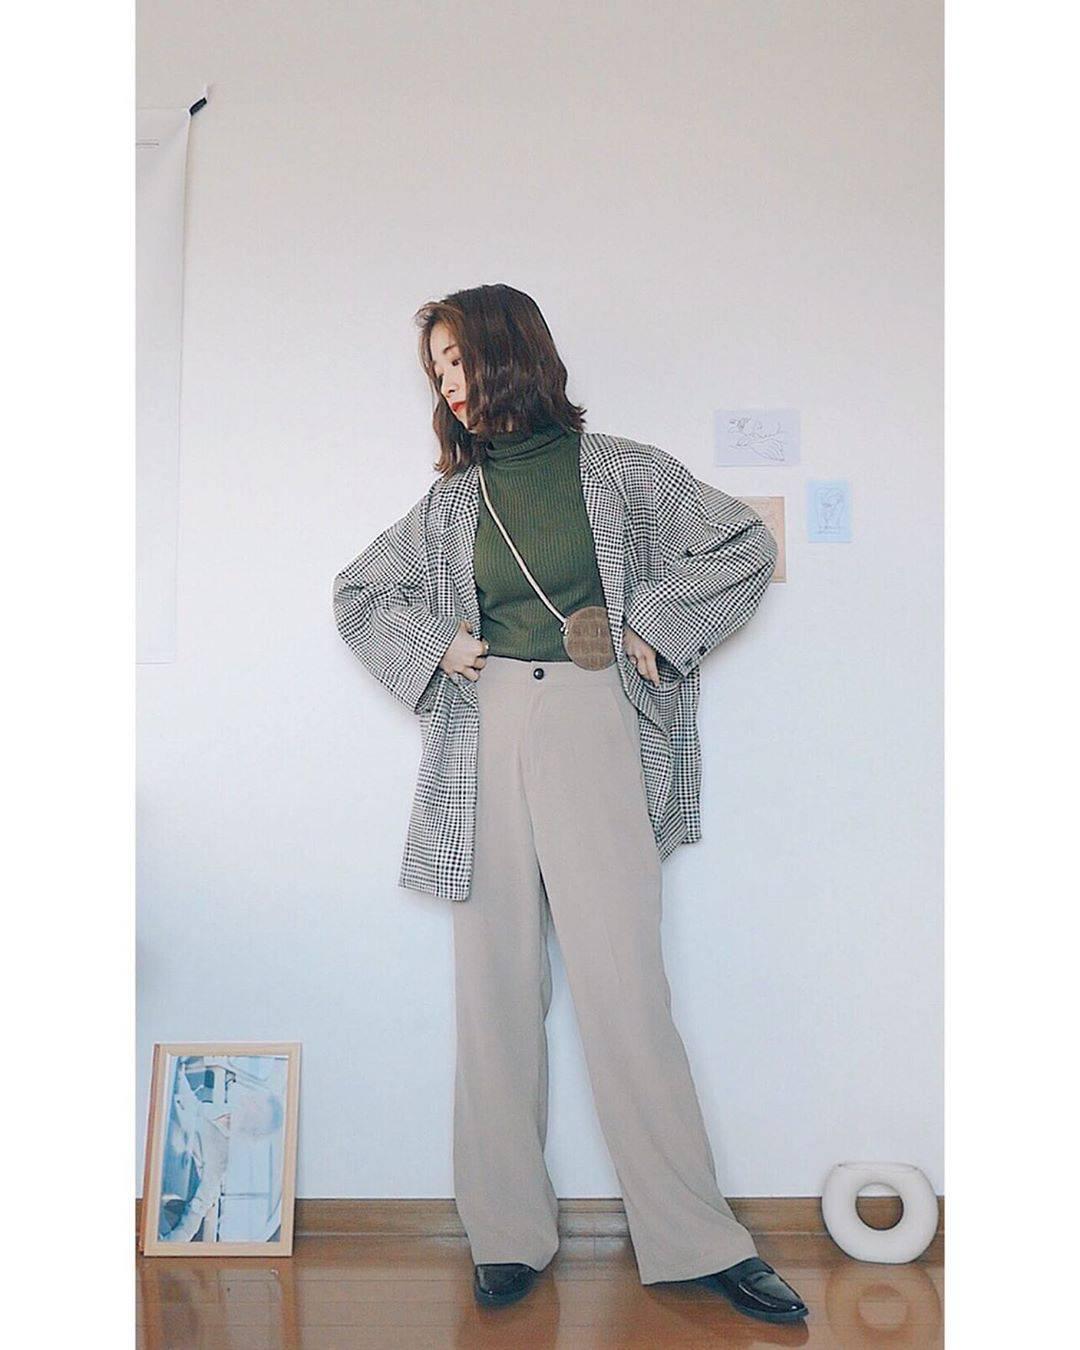 最高気温15度・最低気温2度 natsu_outfitsの服装